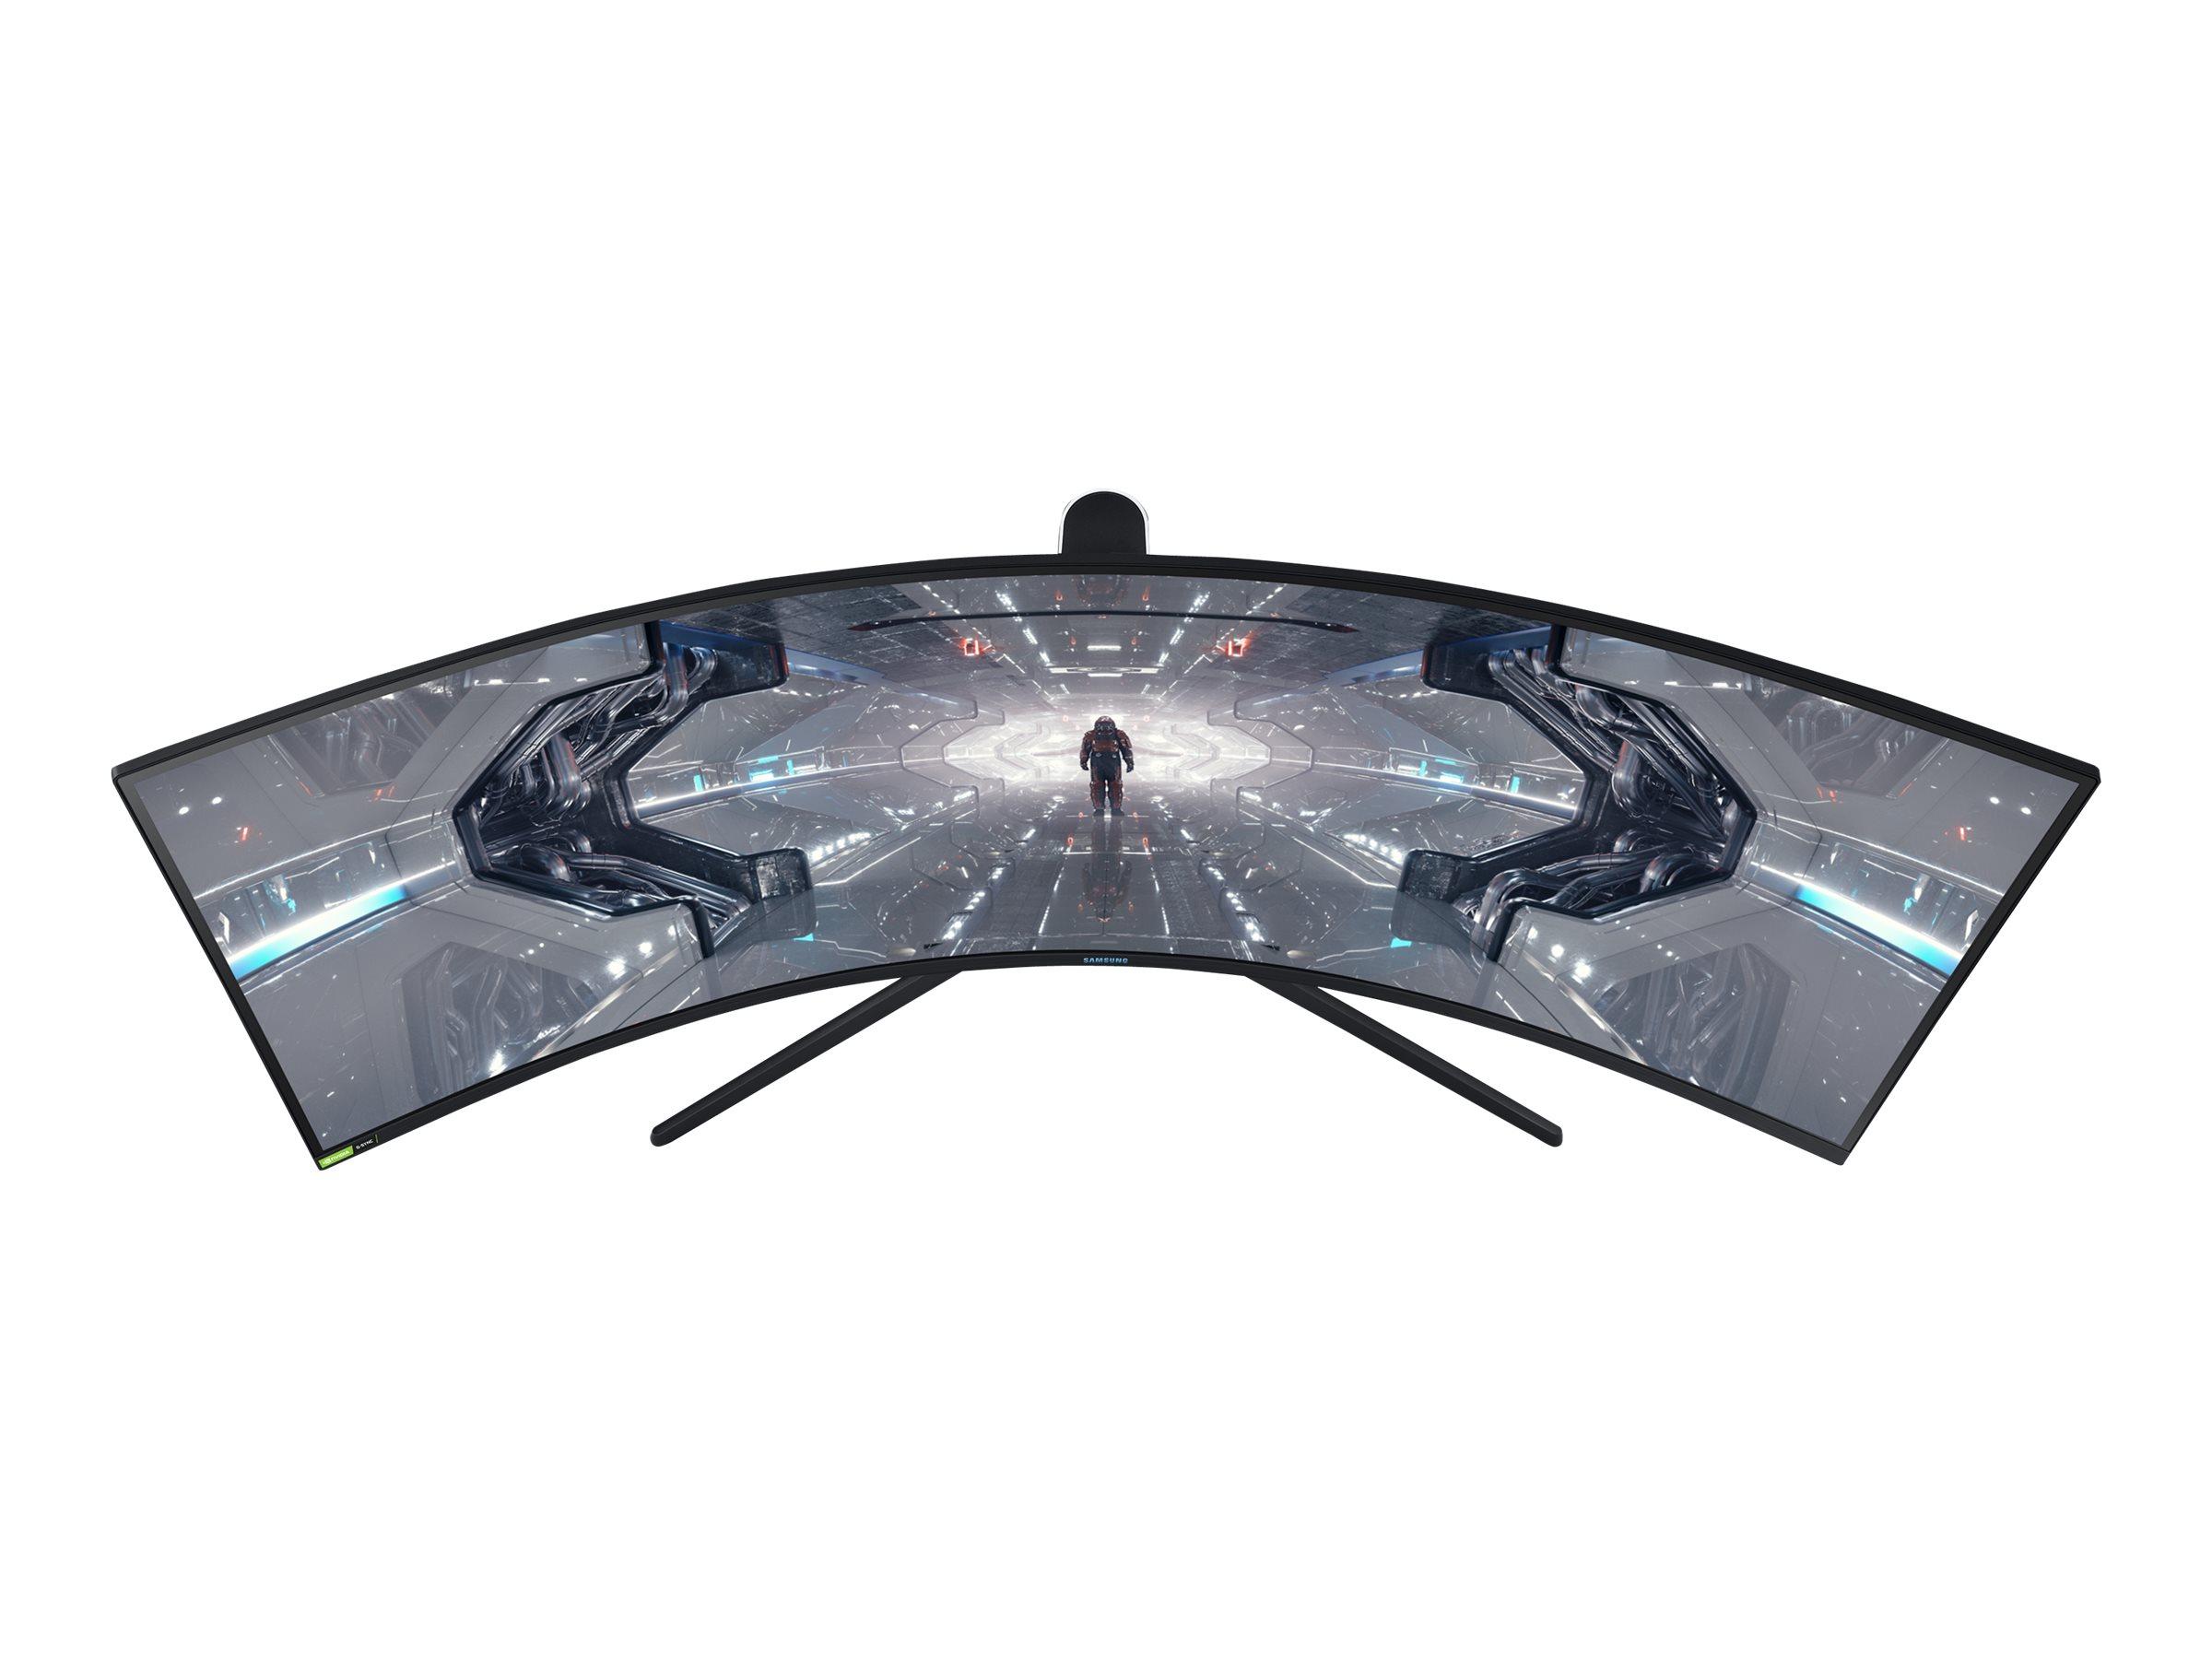 Samsung Odyssey G9 C49G94TSSU - CG94T Series - QLED-Monitor - gebogen - 124 cm (49